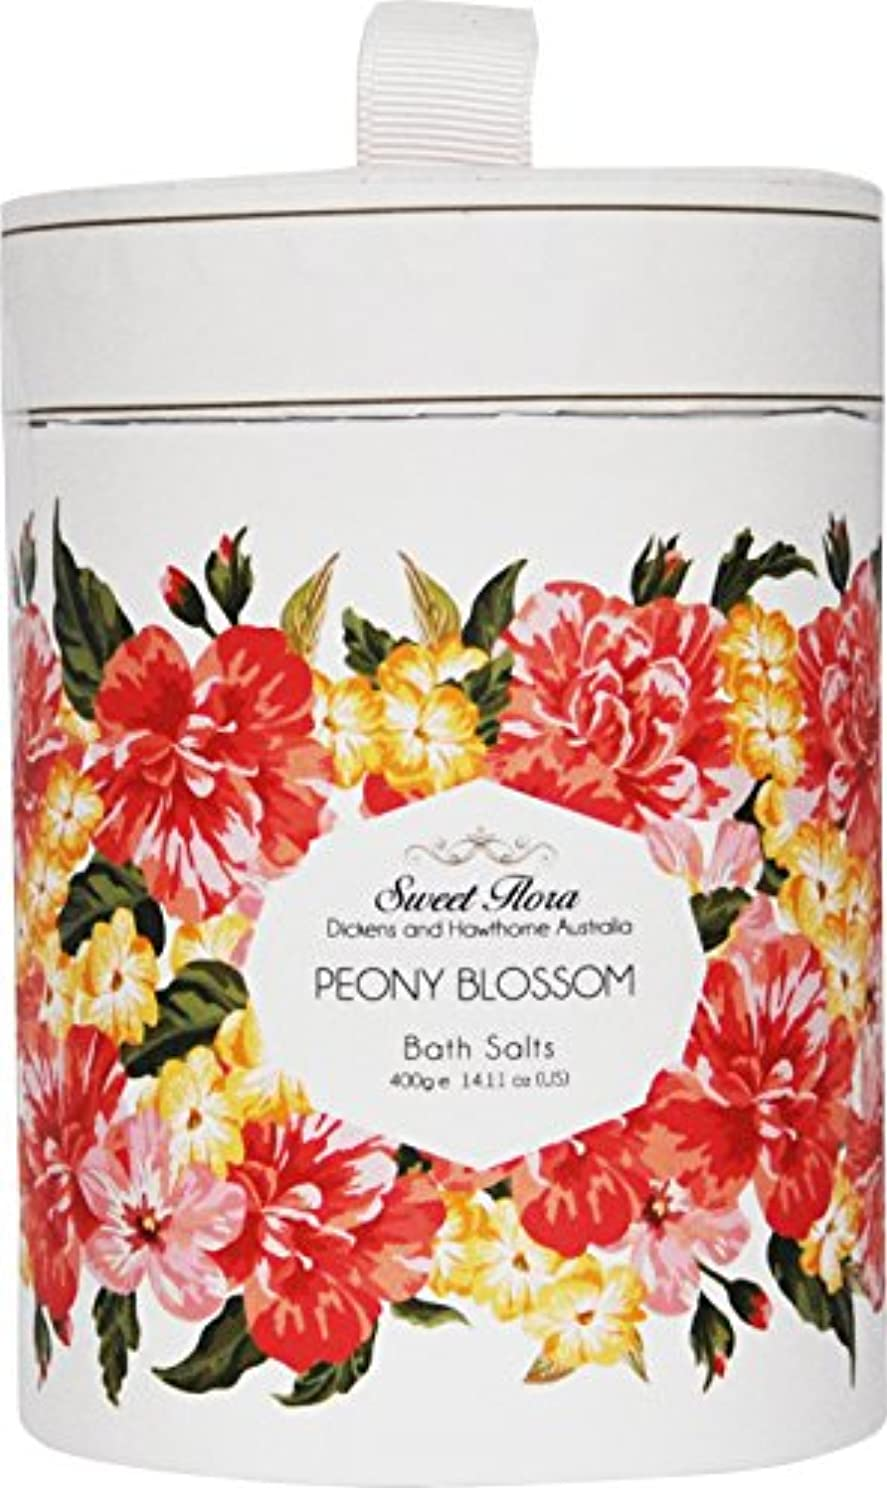 薄暗い先史時代の世論調査Sweet Flora スウィートフローラ Bath Salt バスソルト Peony Blossom ピオニーブロッサム